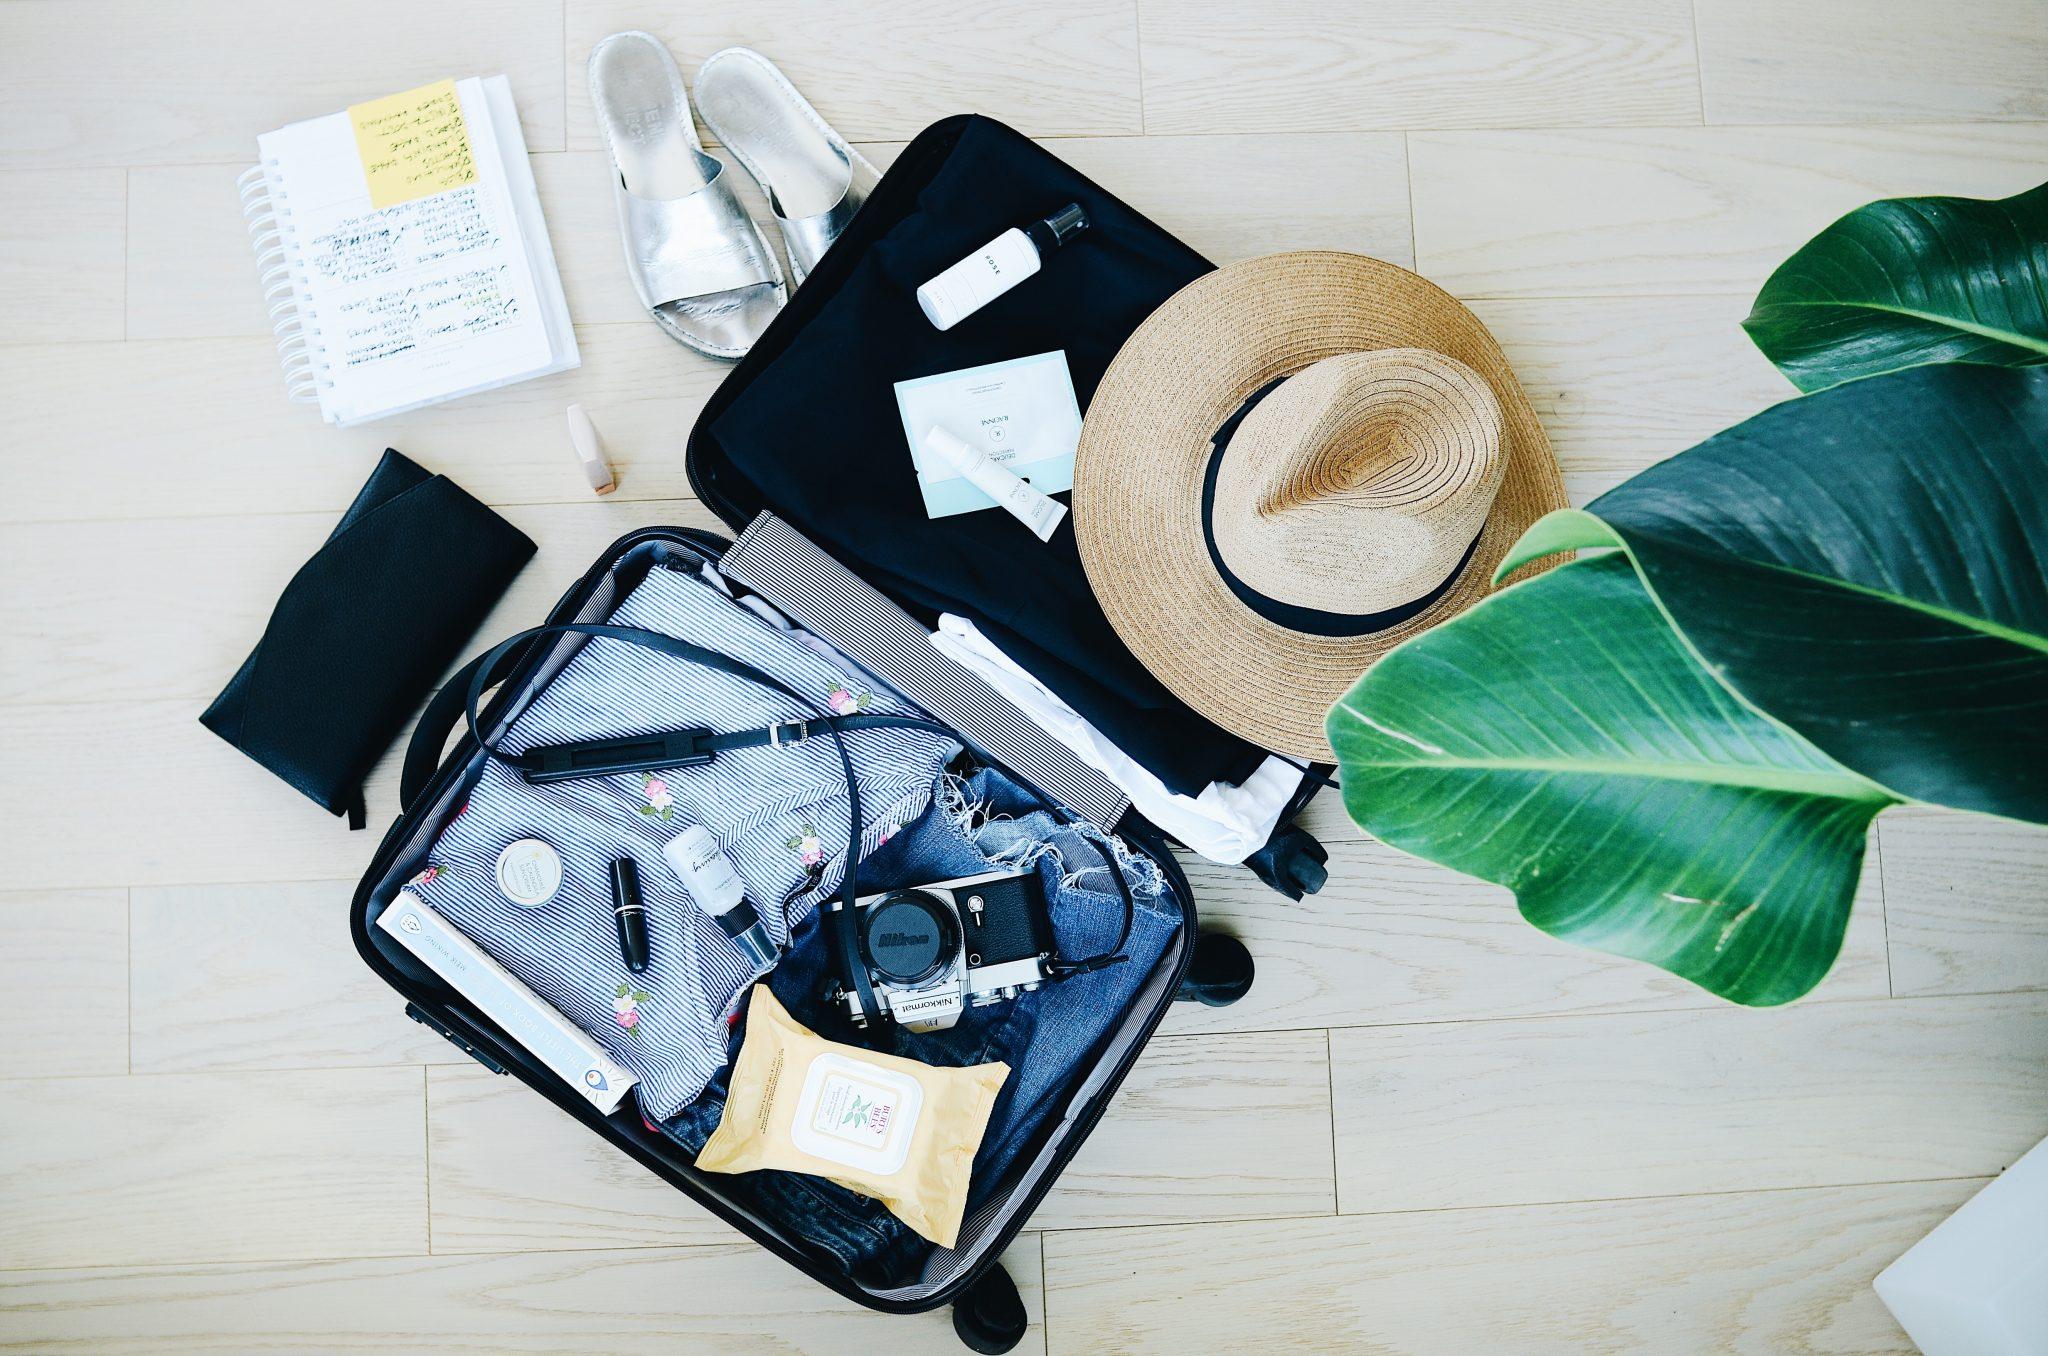 Reisevorbereitung Kofferpacken mit Checkliste